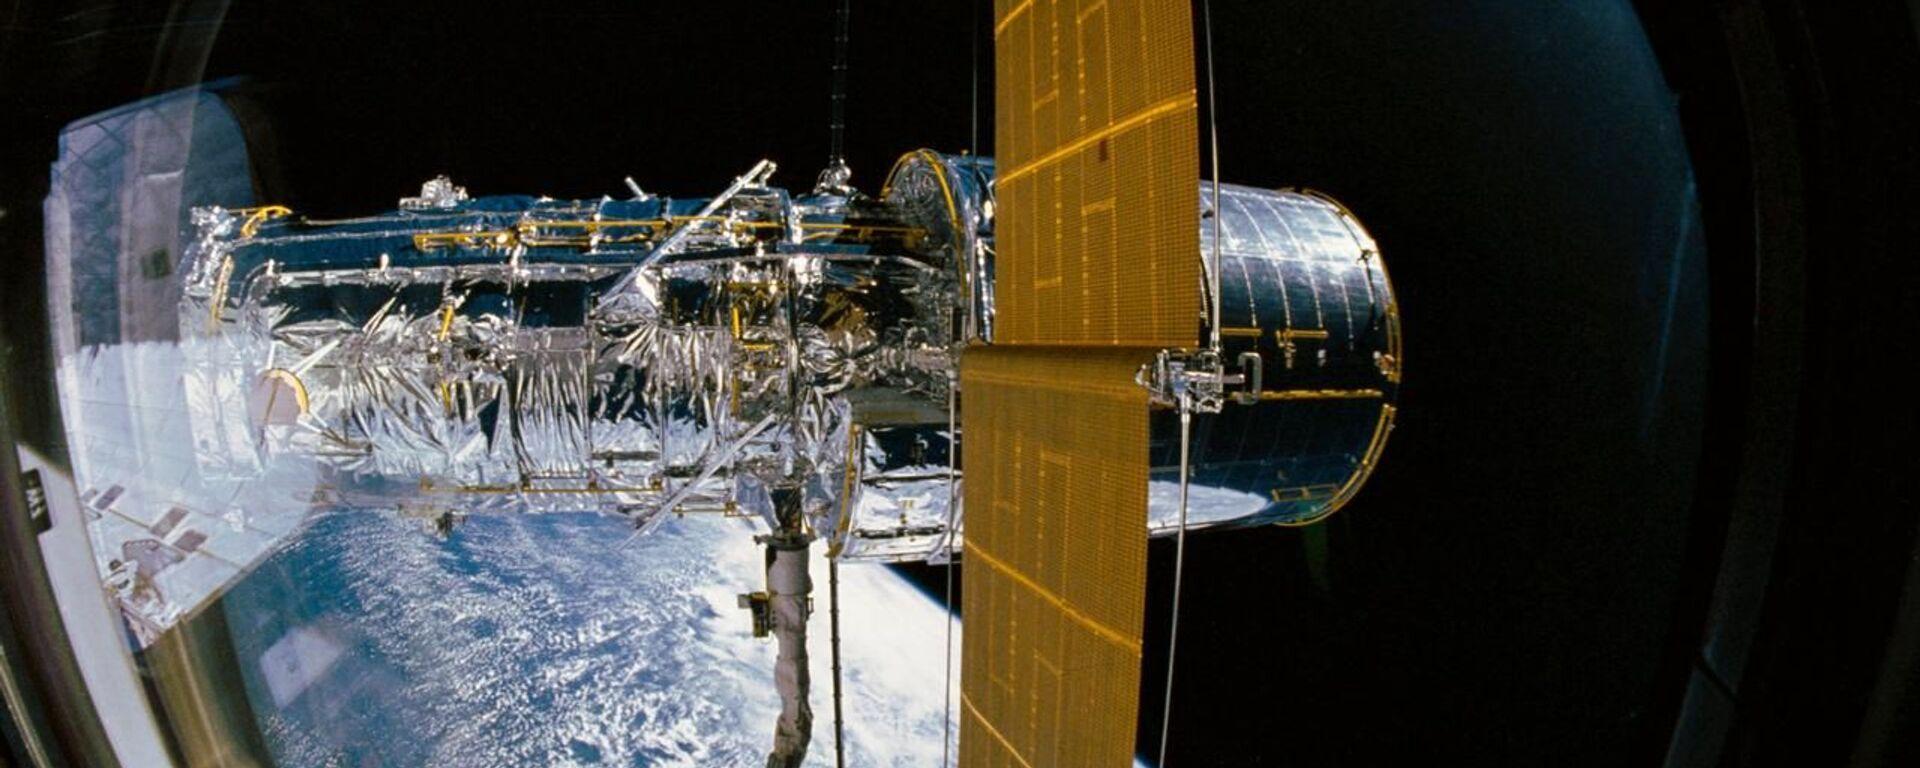 El telescopio Hubble - Sputnik Mundo, 1920, 16.07.2021